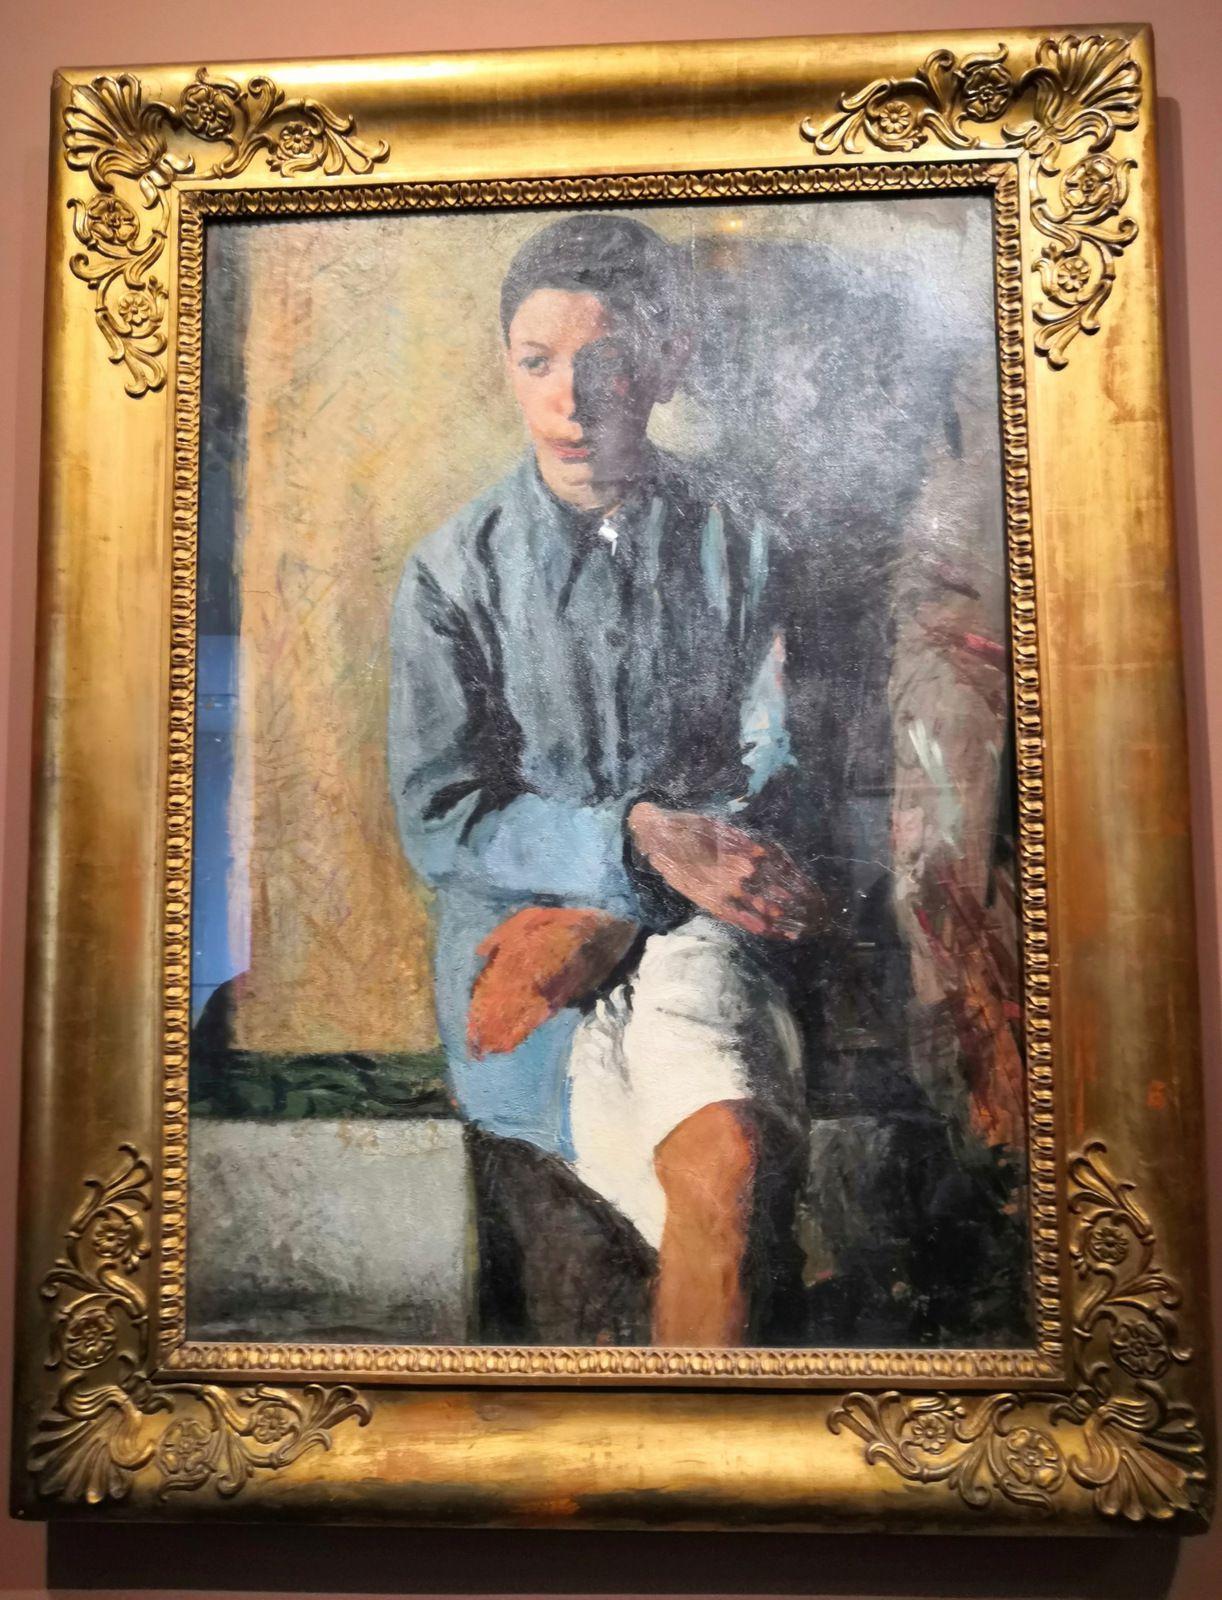 Mario Sironi (1885-1961), Portrait du frère Ettore, Vers 1910, Huile sur toile, Archivio Mario Sironi di Romana Sironi